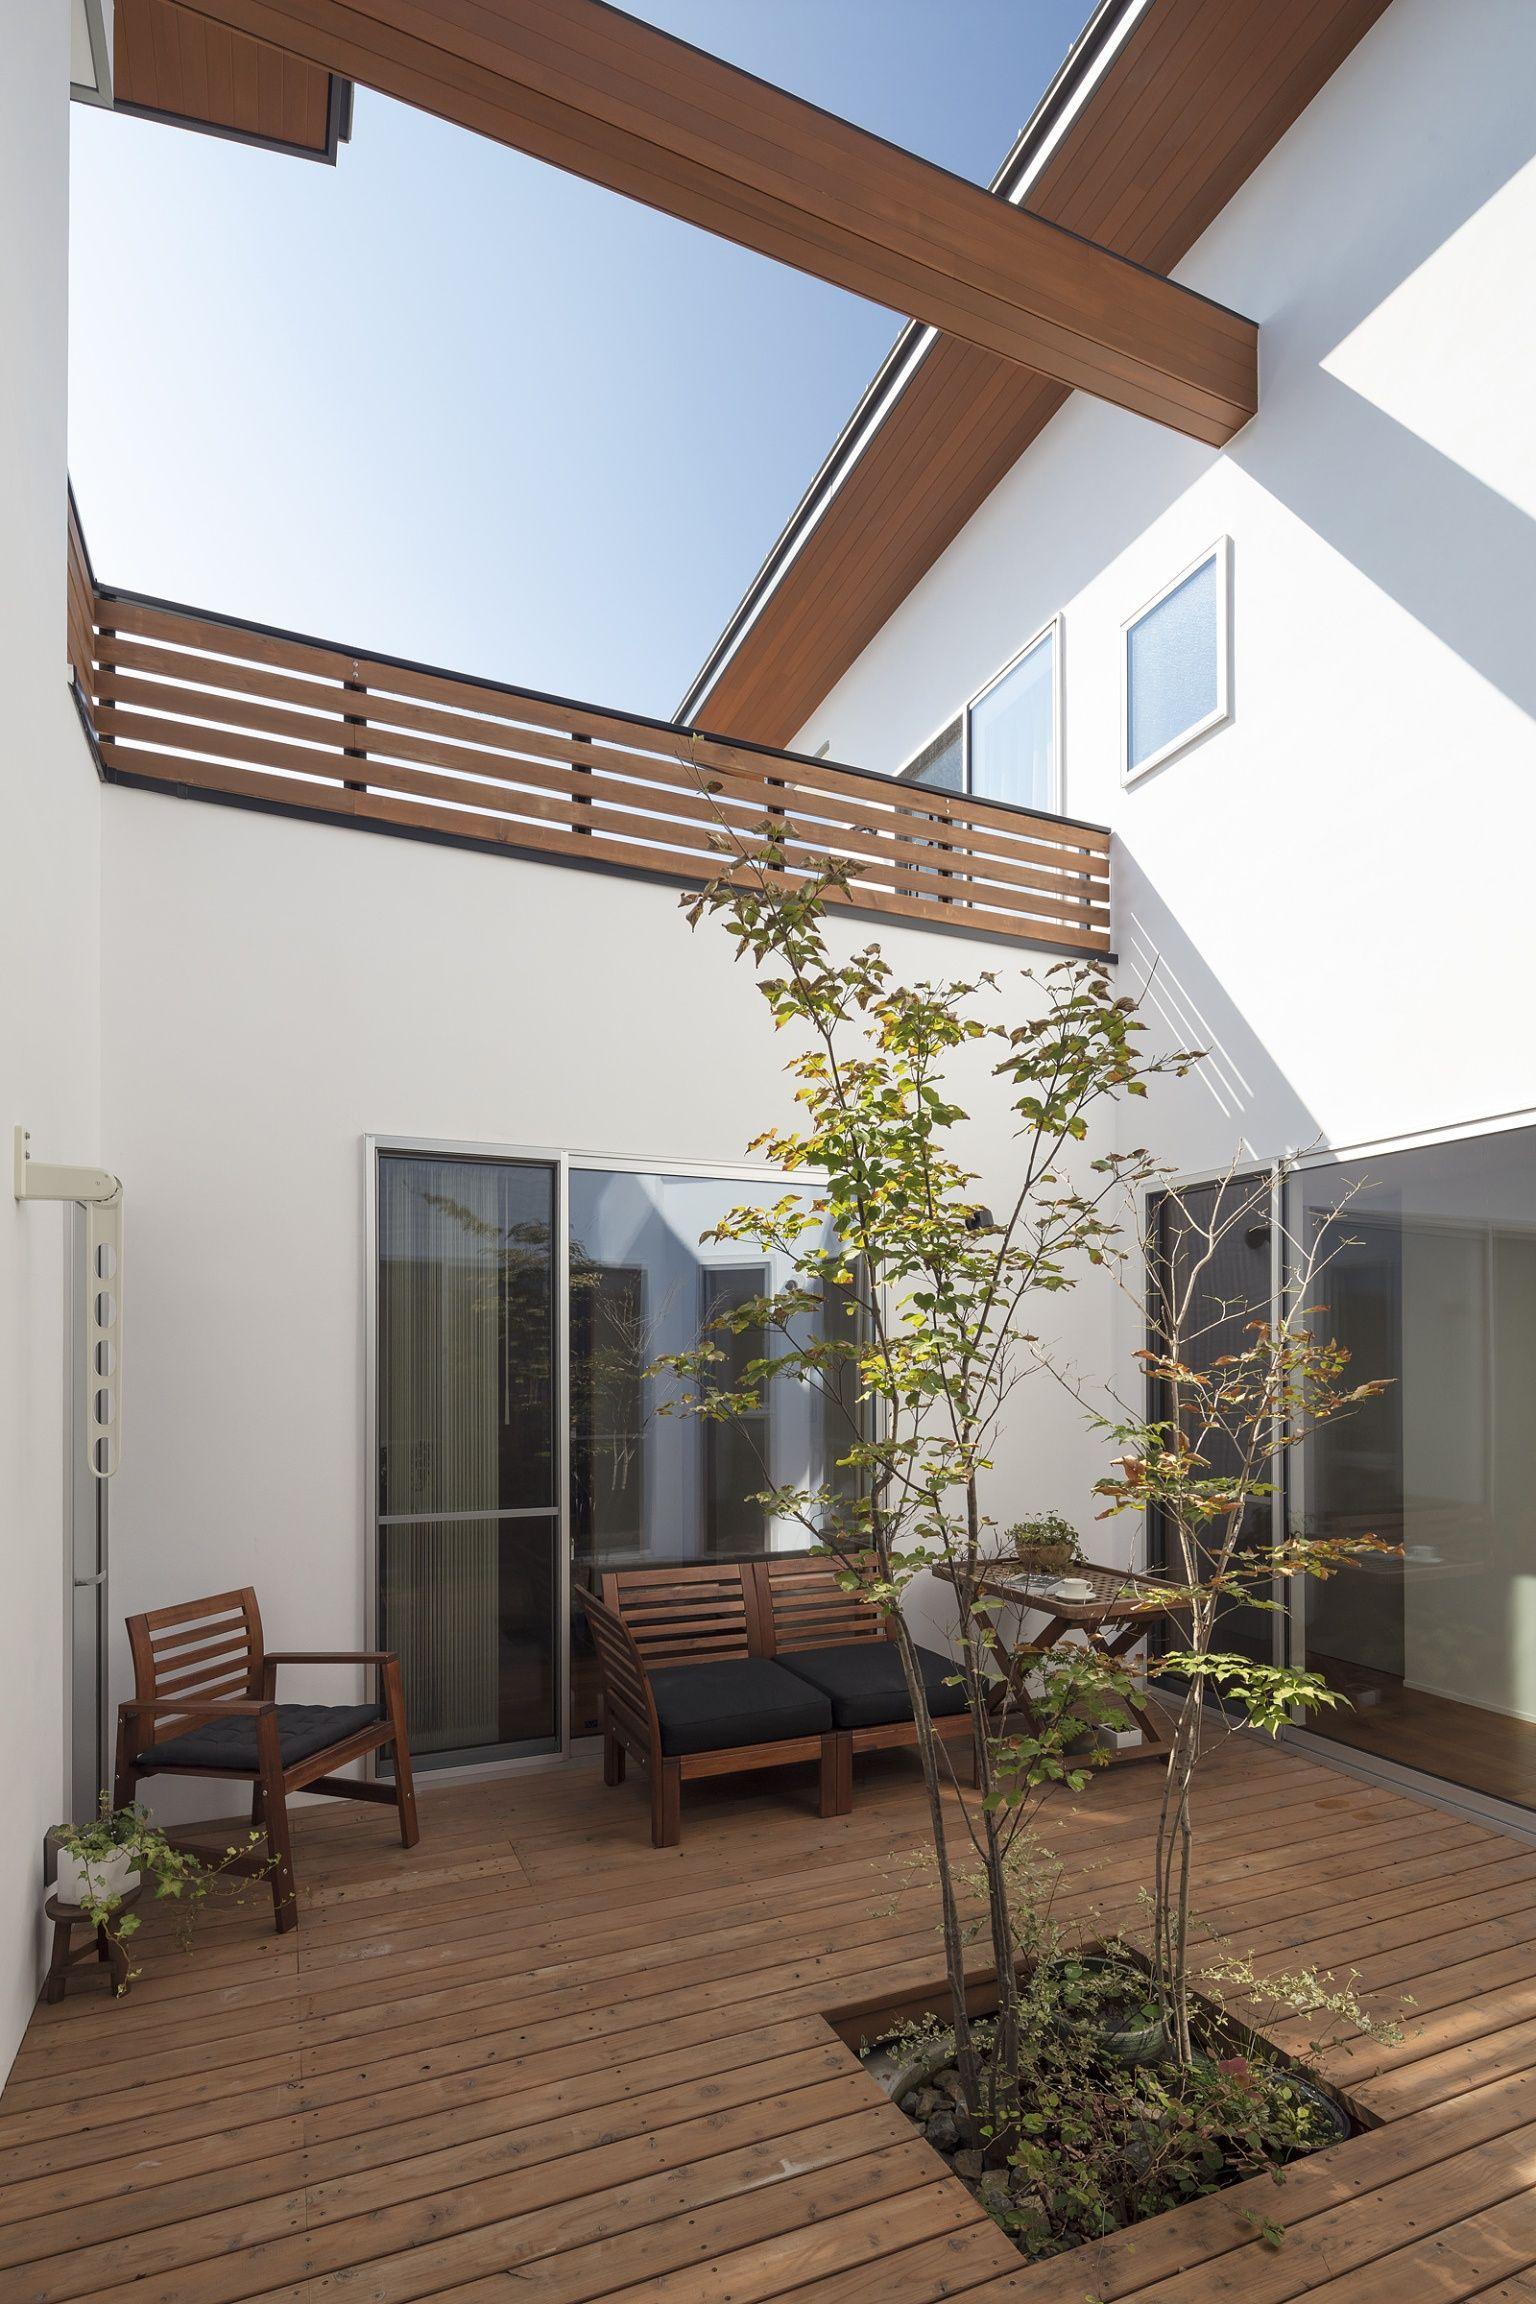 中庭のあるパッシブハウス 中庭 重量木骨の家 選ばれた工務店と建てる